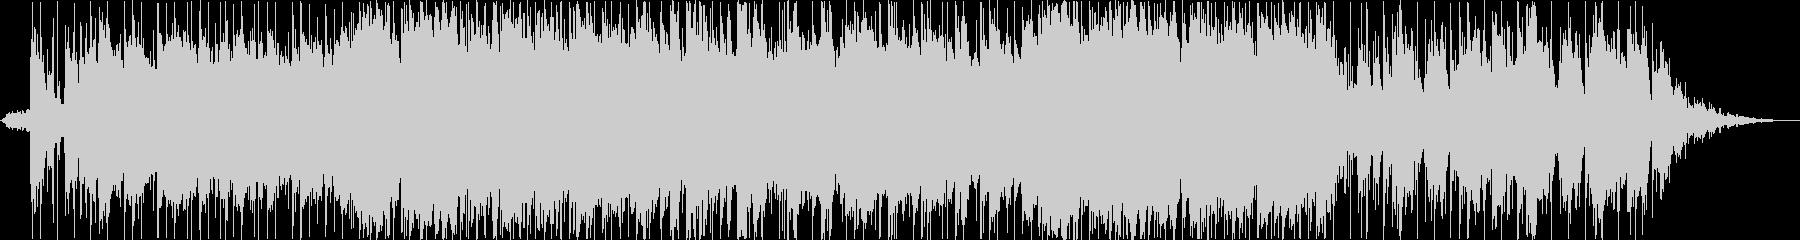 ダニーボーイのバンドアレンジ版の未再生の波形